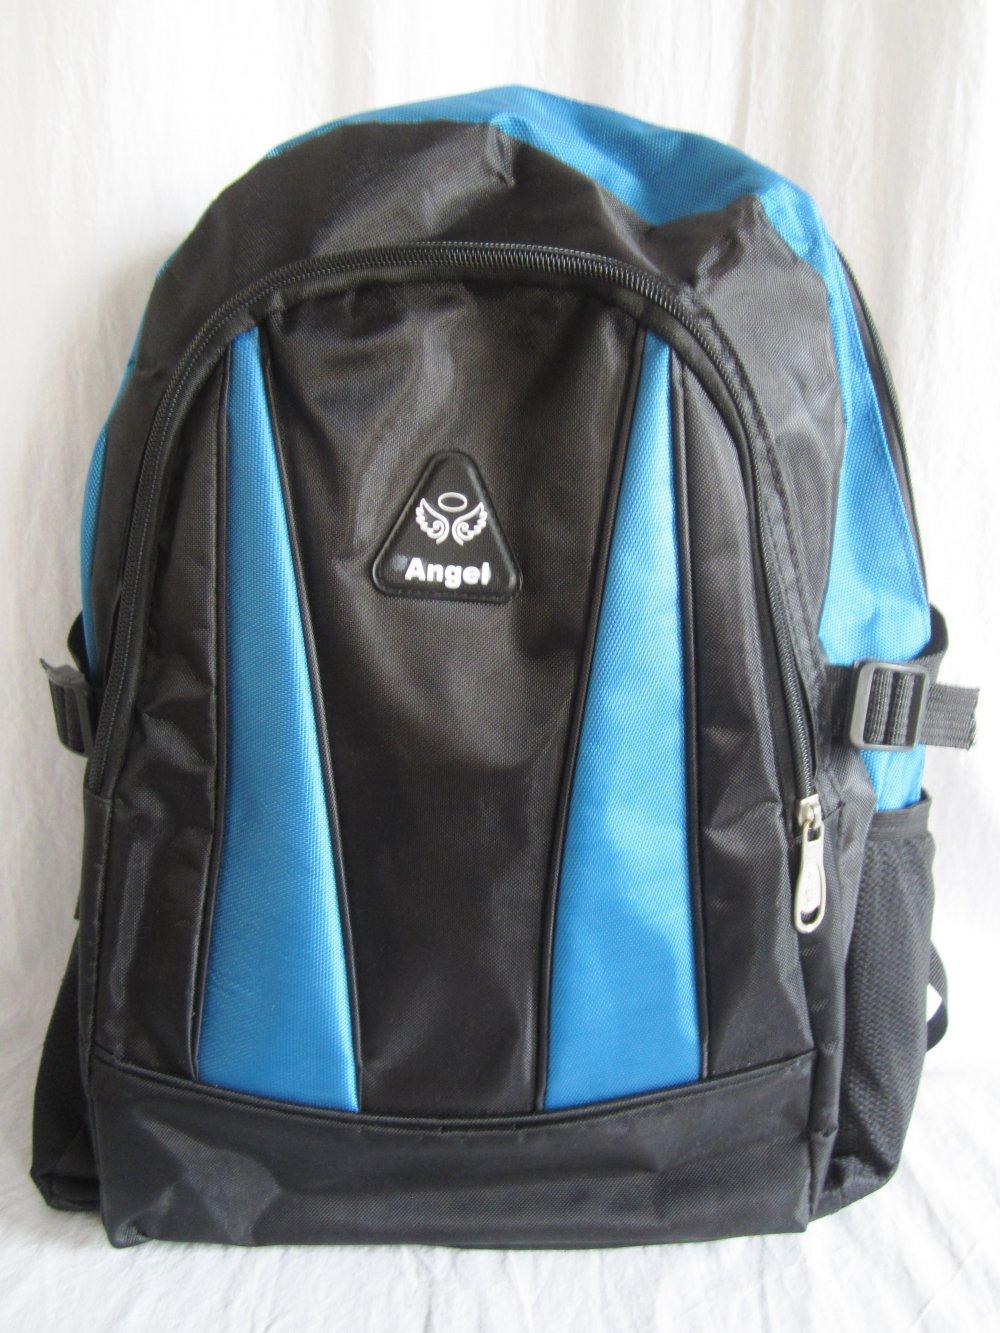 Jroyseter Angelrucksack Rucksack mit gro/ßer Kapazit/ät Outdoor Angelrucksack mit verstellbaren Schultergurten Tackle Storage Gear Bag f/ür Camping Wanderungen